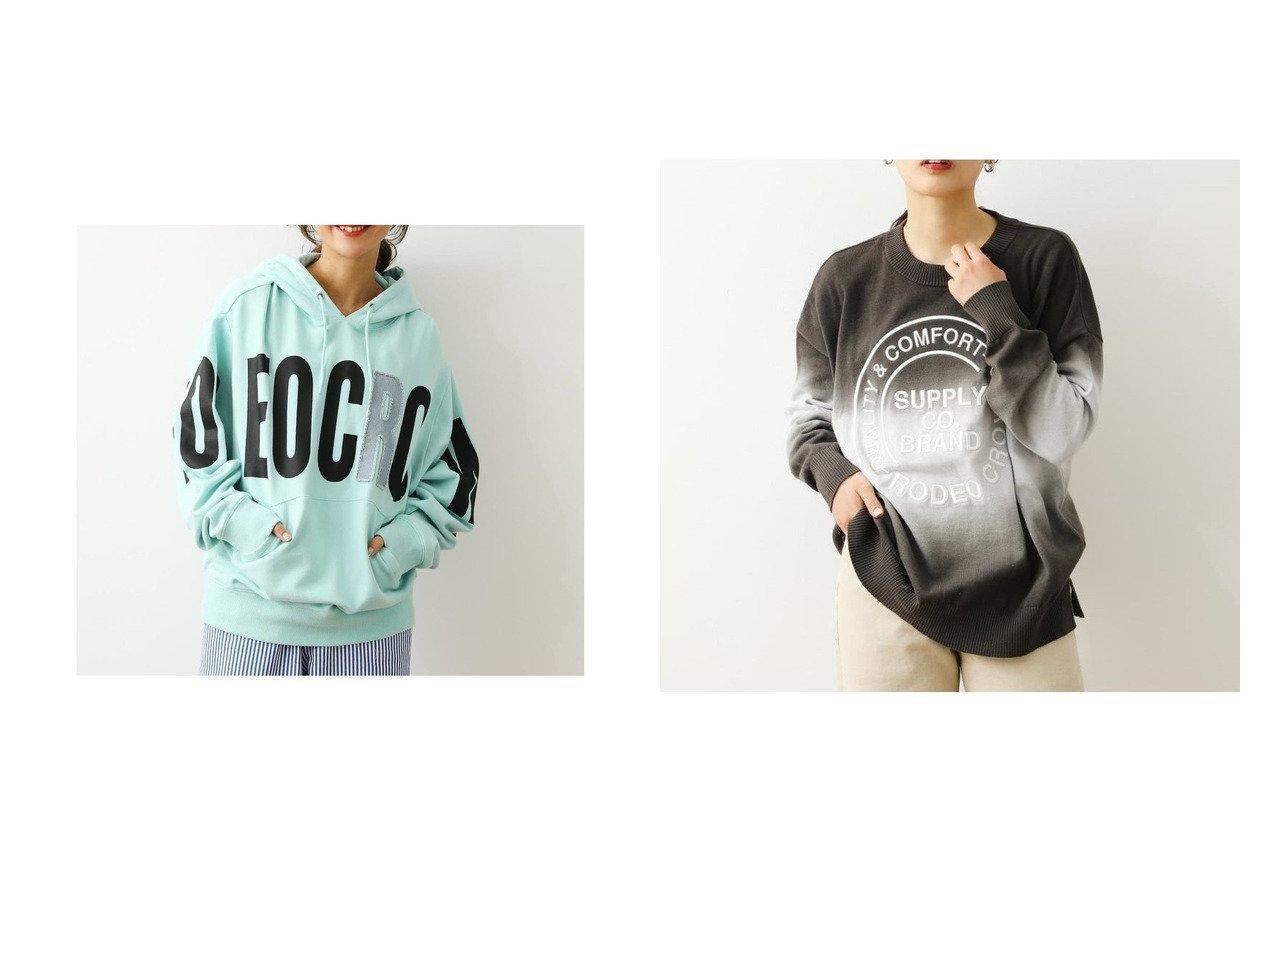 【RODEO CROWNS WIDE BOWL/ロデオクラウンズワイドボウル】のグラデーションロゴニット&ポイントデニムアップリケパーカー RODEO CROWNS WIDE BOWLのおすすめ!人気、トレンド・レディースファッションの通販  おすすめで人気の流行・トレンド、ファッションの通販商品 メンズファッション・キッズファッション・インテリア・家具・レディースファッション・服の通販 founy(ファニー) https://founy.com/ ファッション Fashion レディースファッション WOMEN トップス Tops Tshirt パーカ Sweats ニット Knit Tops 2021年 2021 2021 春夏 S/S SS Spring/Summer 2021 S/S 春夏 SS Spring/Summer クラウン デニム パーカー ビッグ メンズ 春 Spring NEW・新作・新着・新入荷 New Arrivals グラデーション ボーダー  ID:crp329100000019313